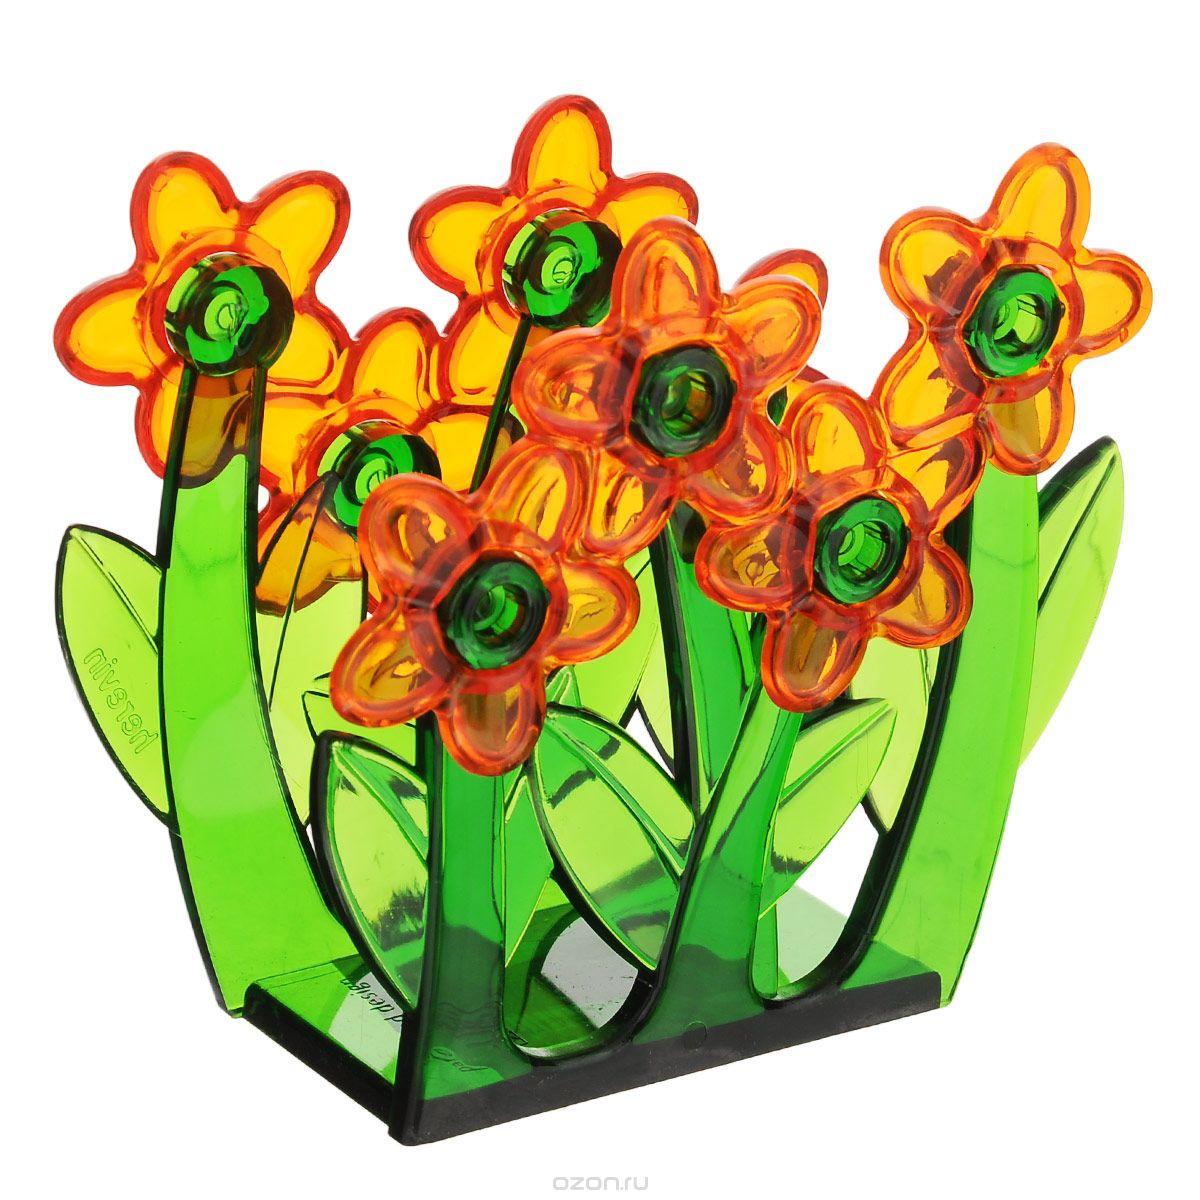 """Салфетница """"Herevin"""", изготовленная из высококачественного прочного пластика, оформлена декоративными цветами. Яркий и оригинальный дизайн, несомненно, придется вам по вкусу. Такая салфетница великолепно украсит праздничный стол."""